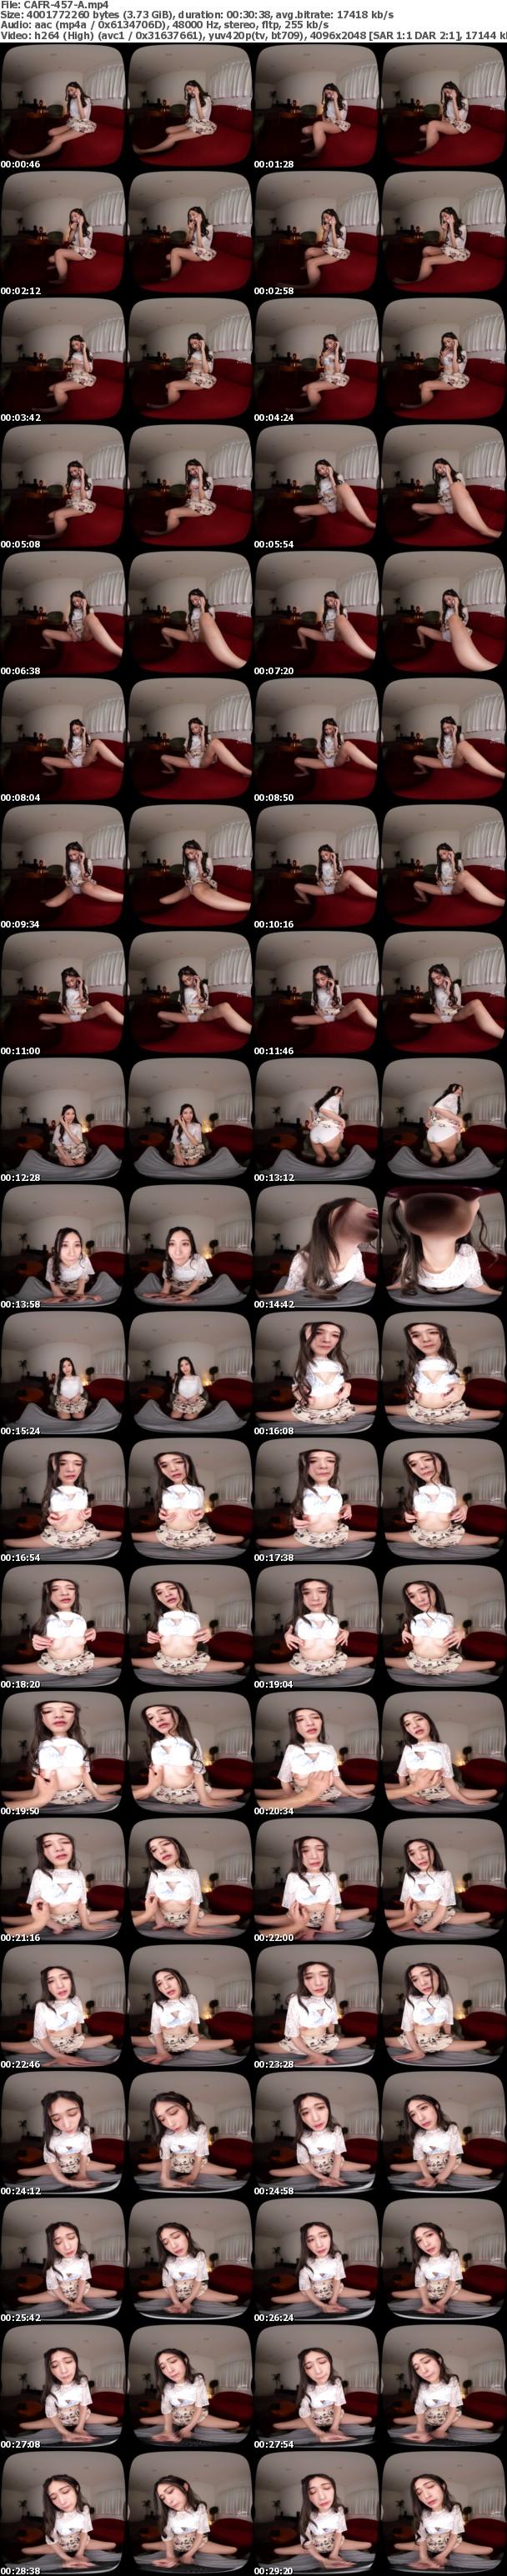 (VR) CAFR-457 悩殺変態倶楽部~歪んだ性癖の変態女子大生がマ●コもア●ルもおっぴろげて昇天遊戯~中条鈴華